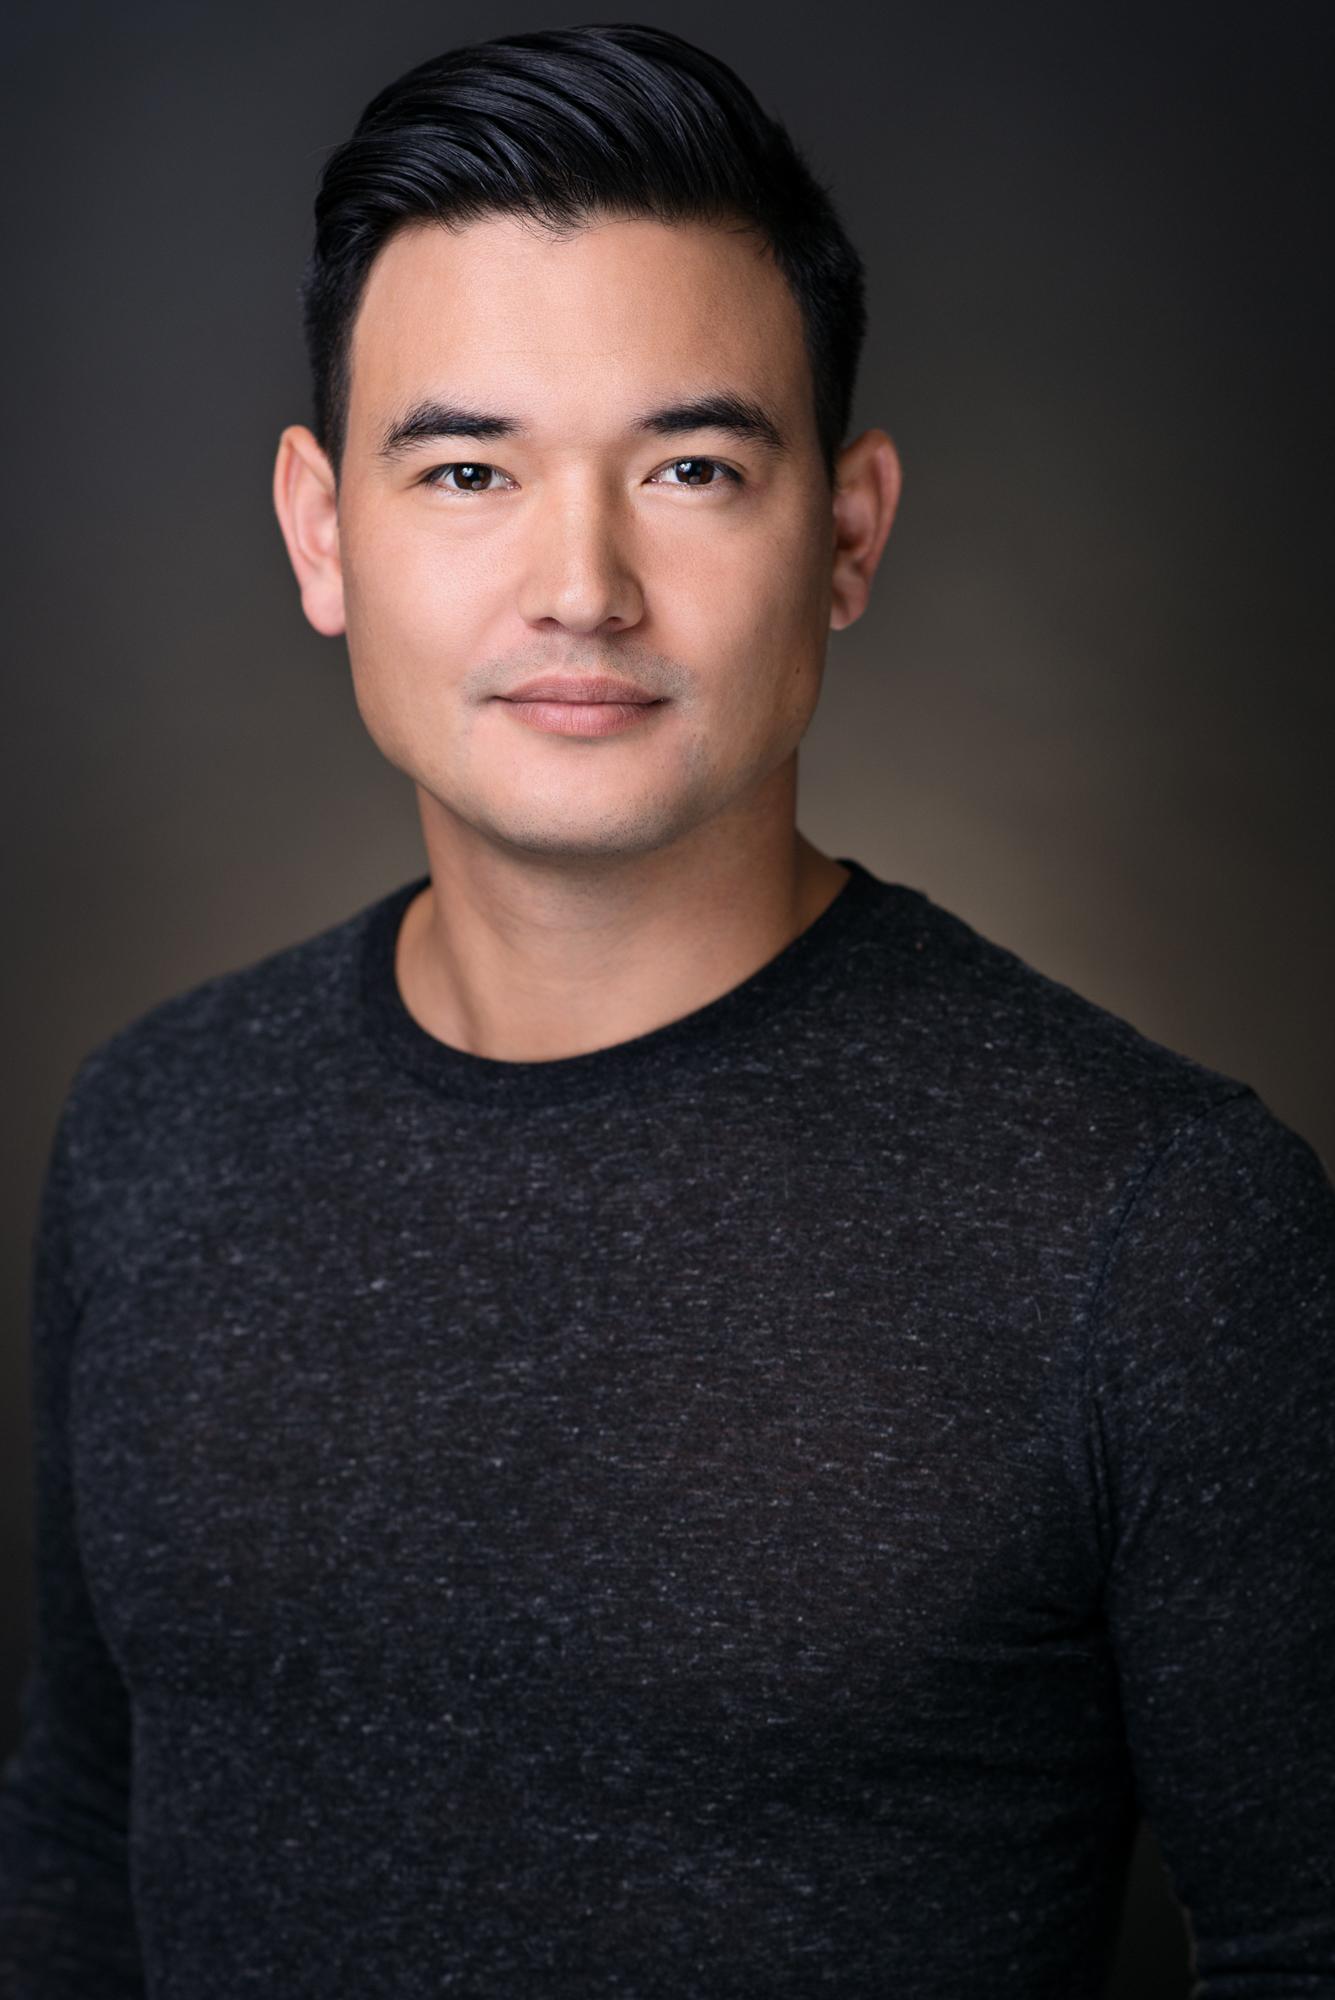 David Chin's primary photo